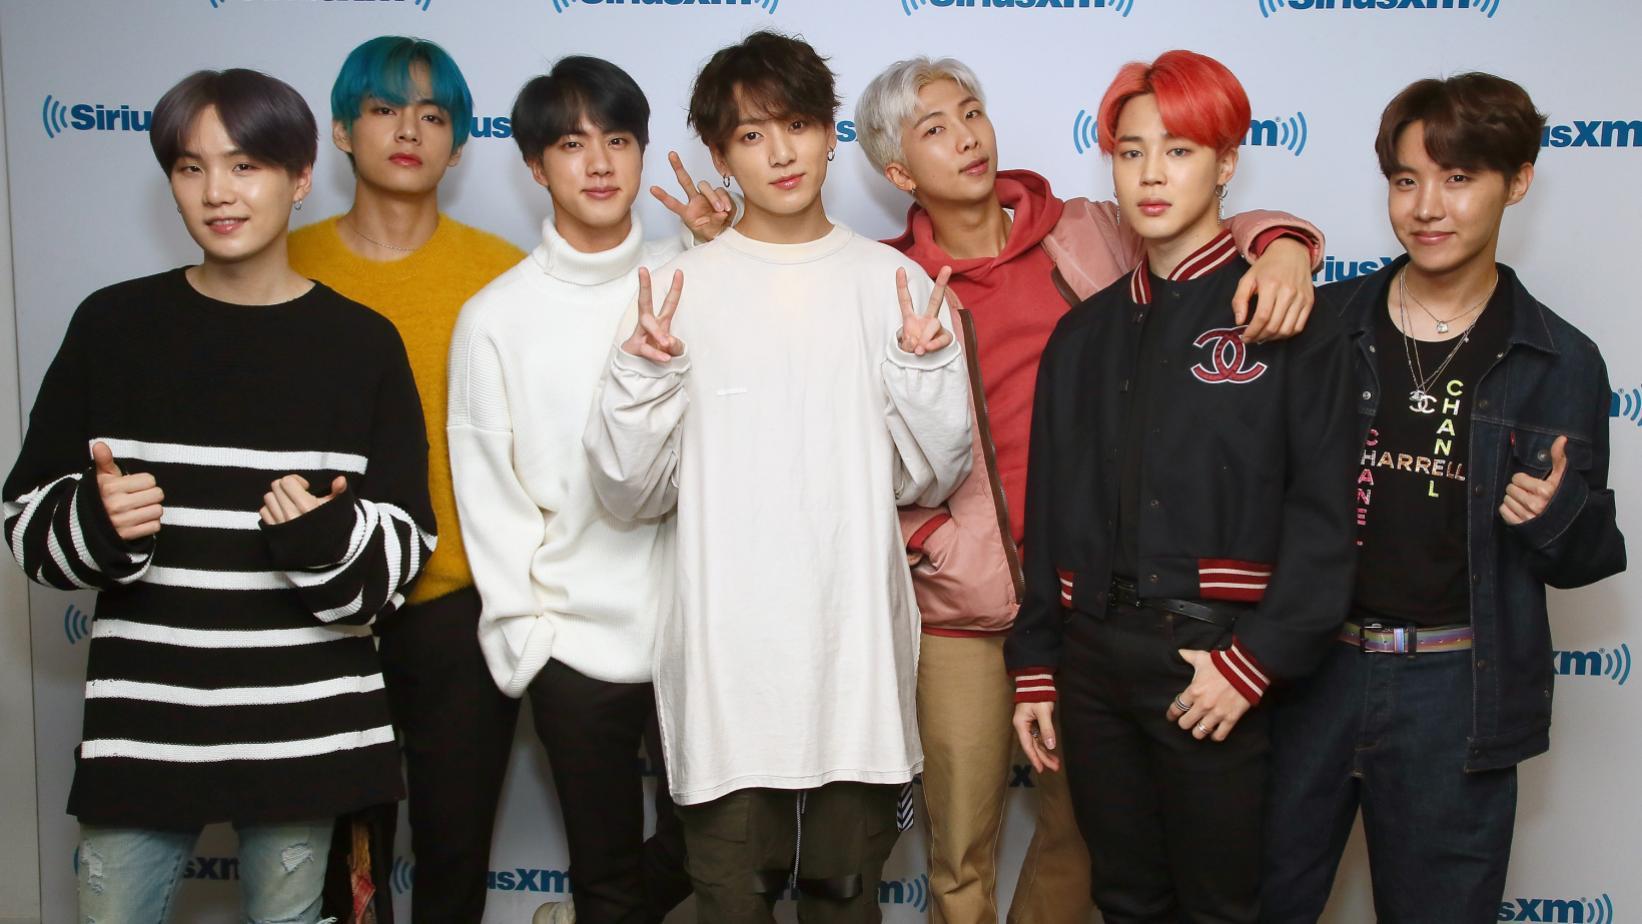 Quel membre de BTS serait ton mari parfait ?